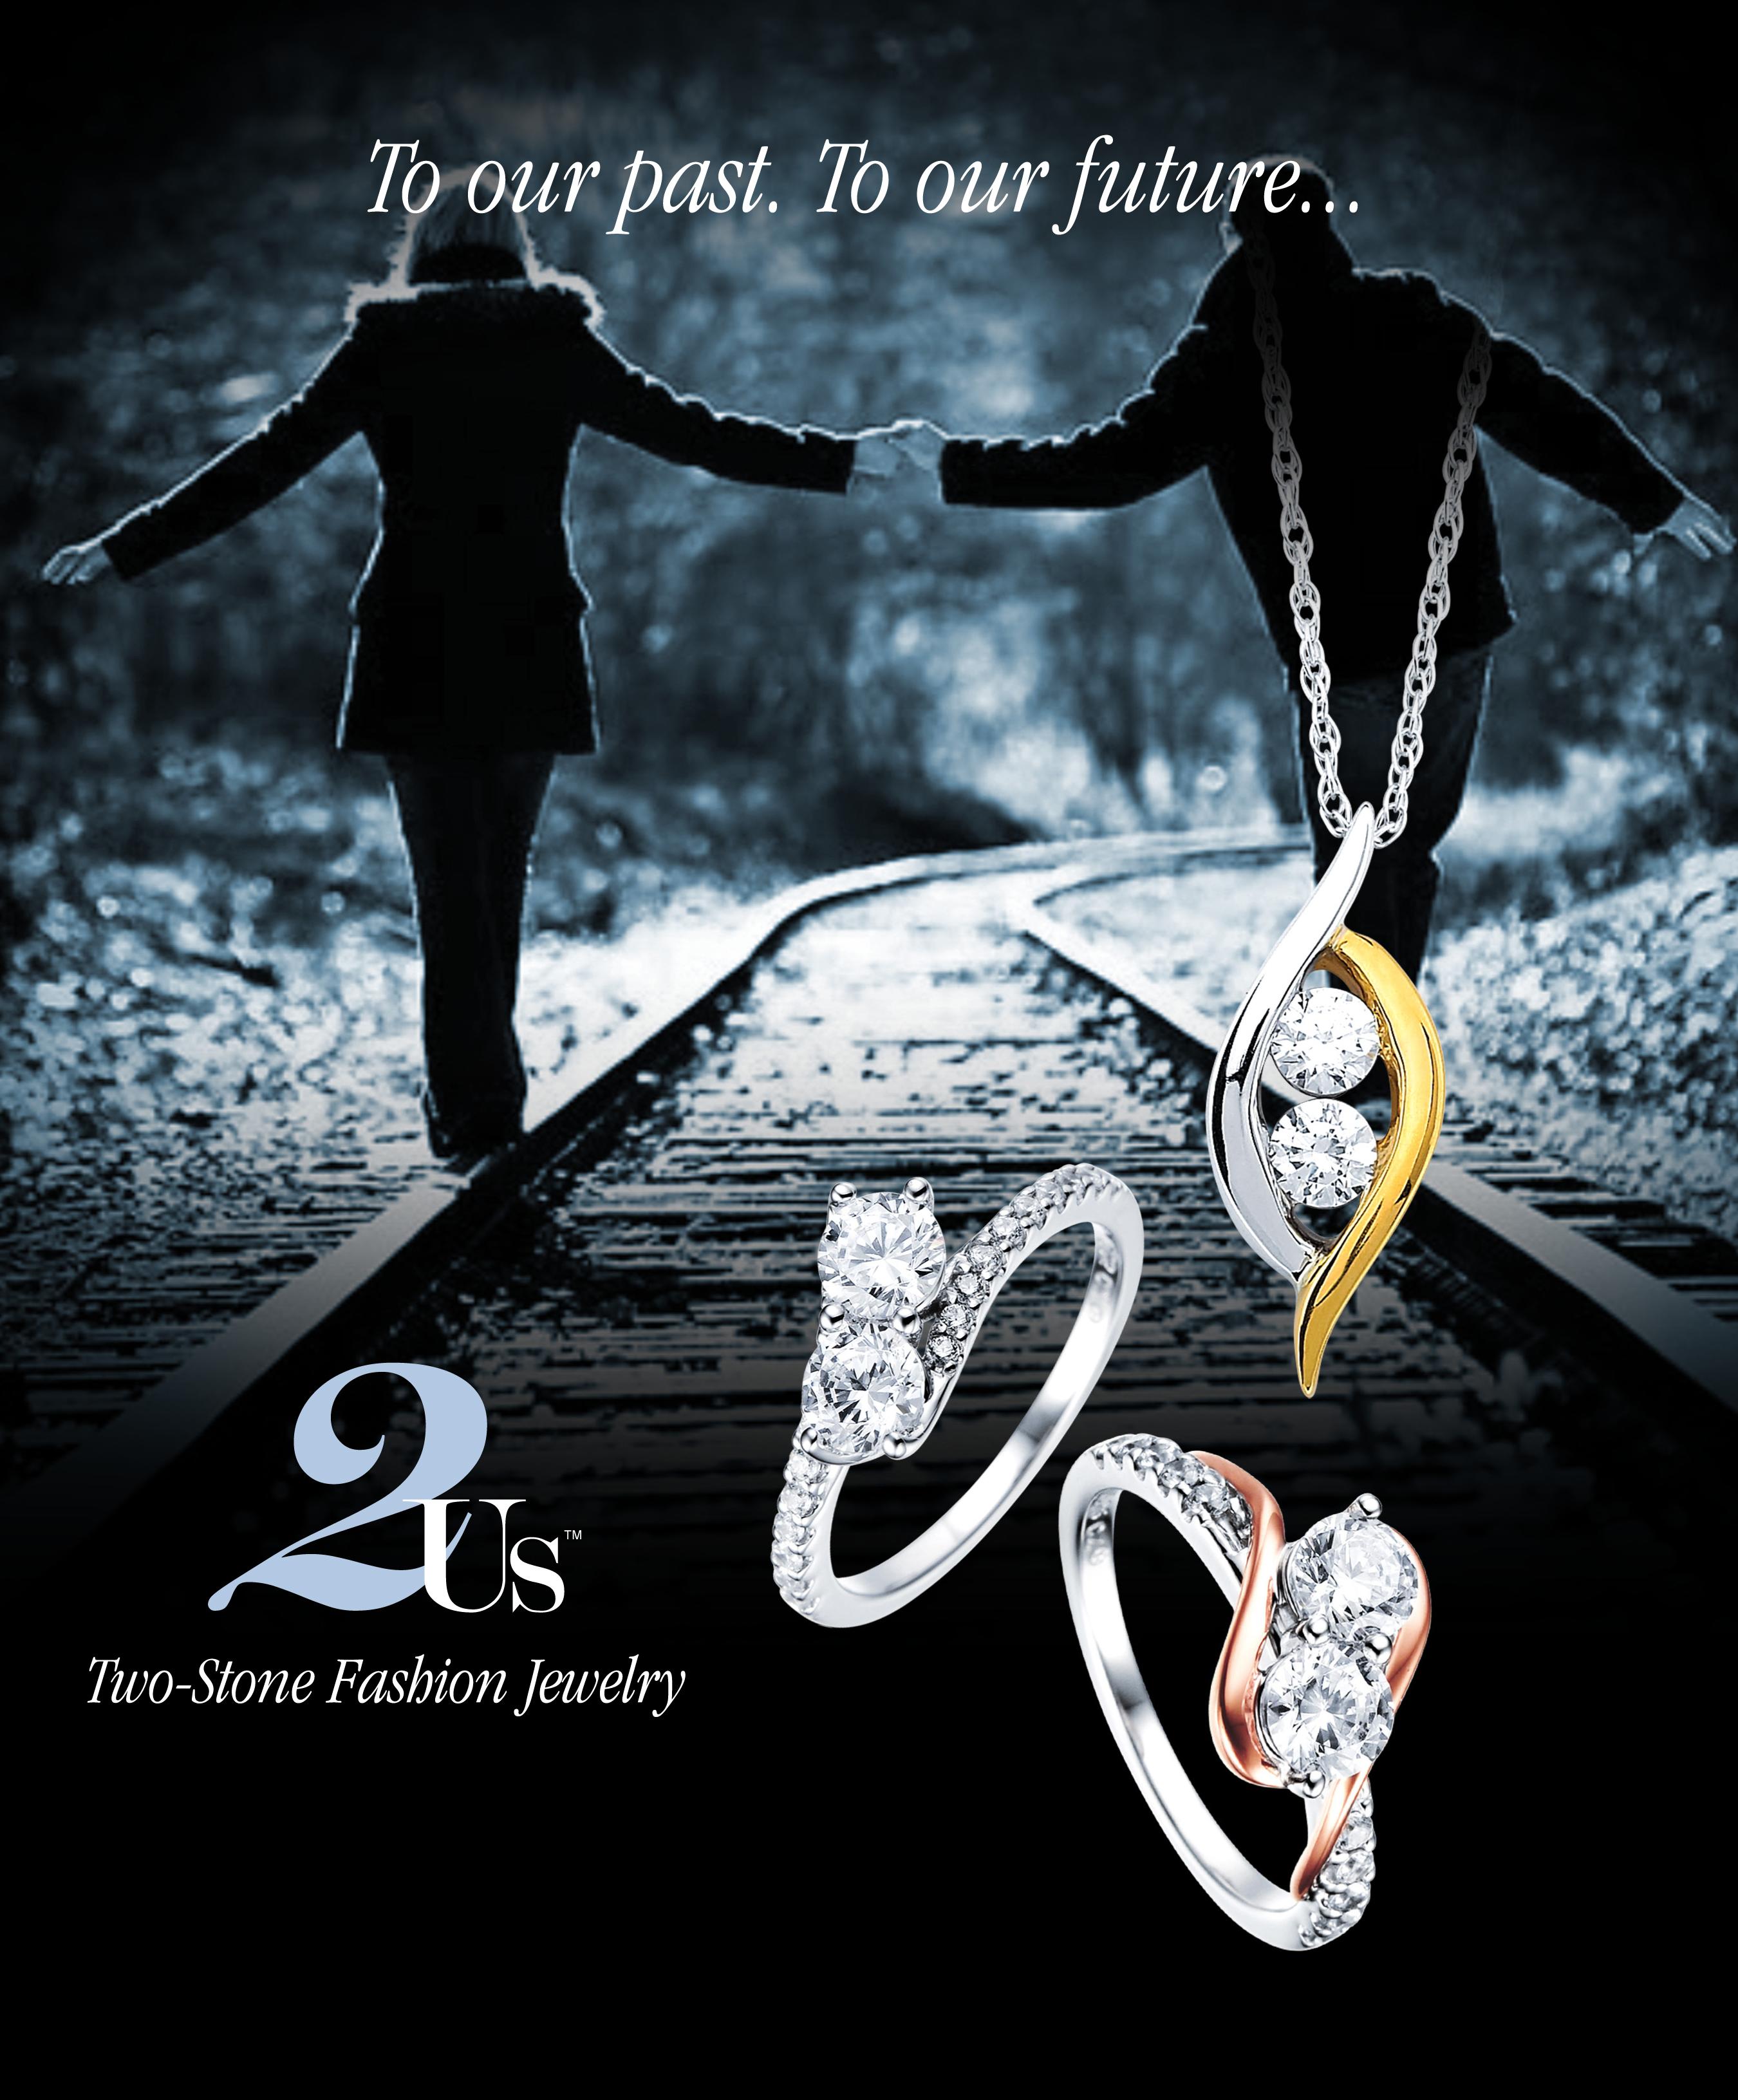 Two-Stone Fashion Jewelry